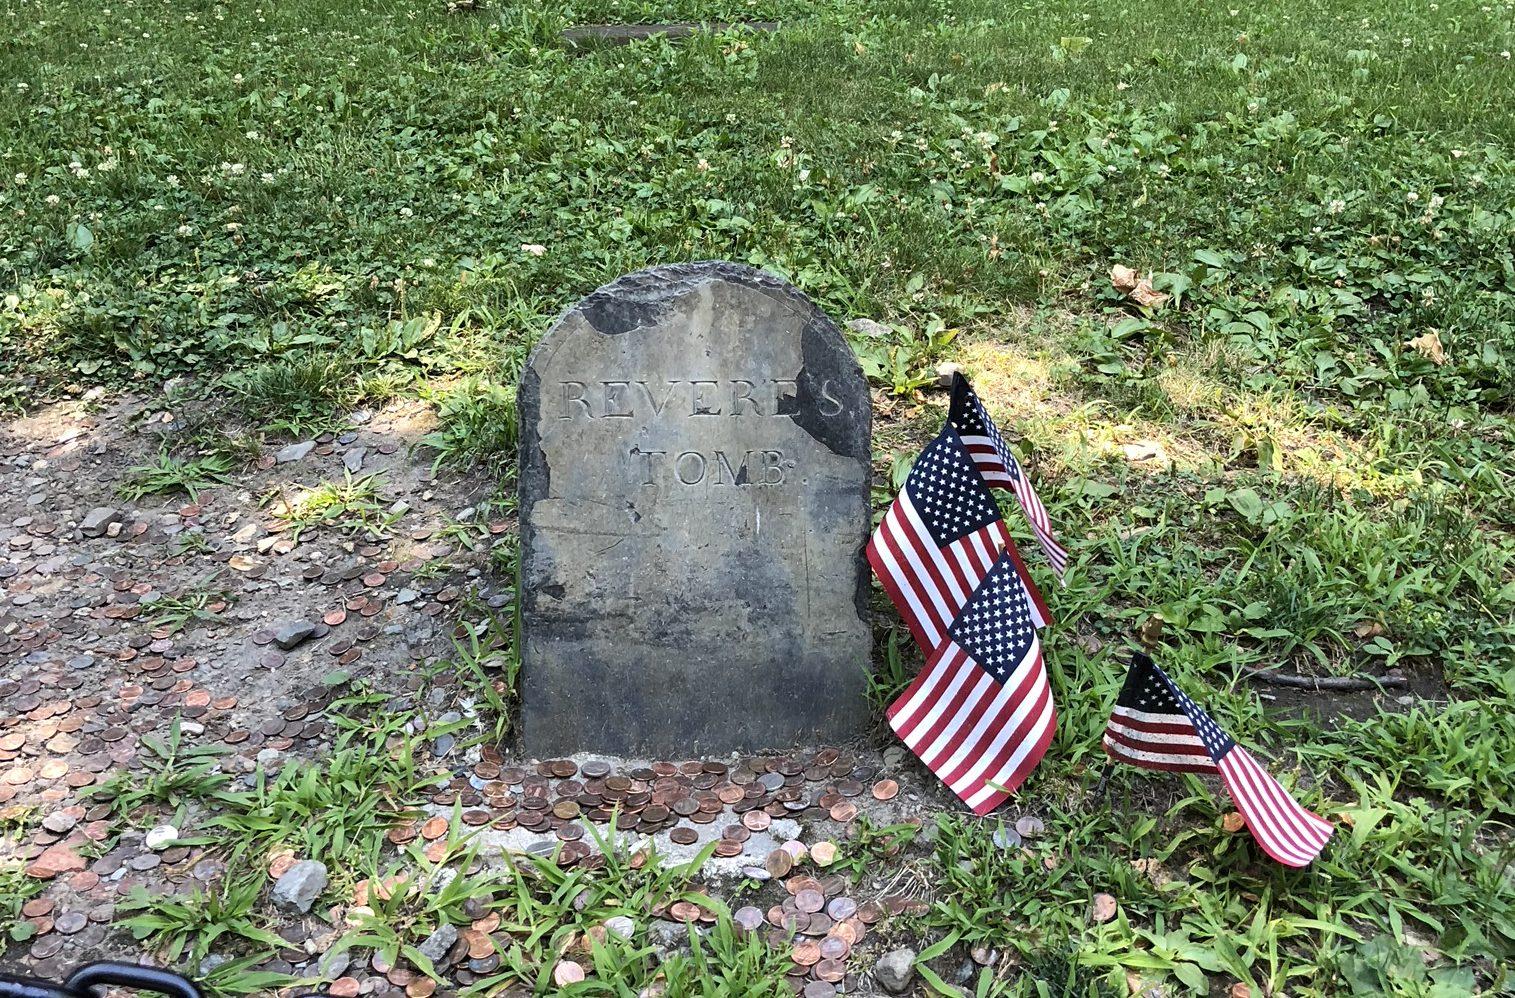 Paul Revere's Grave!